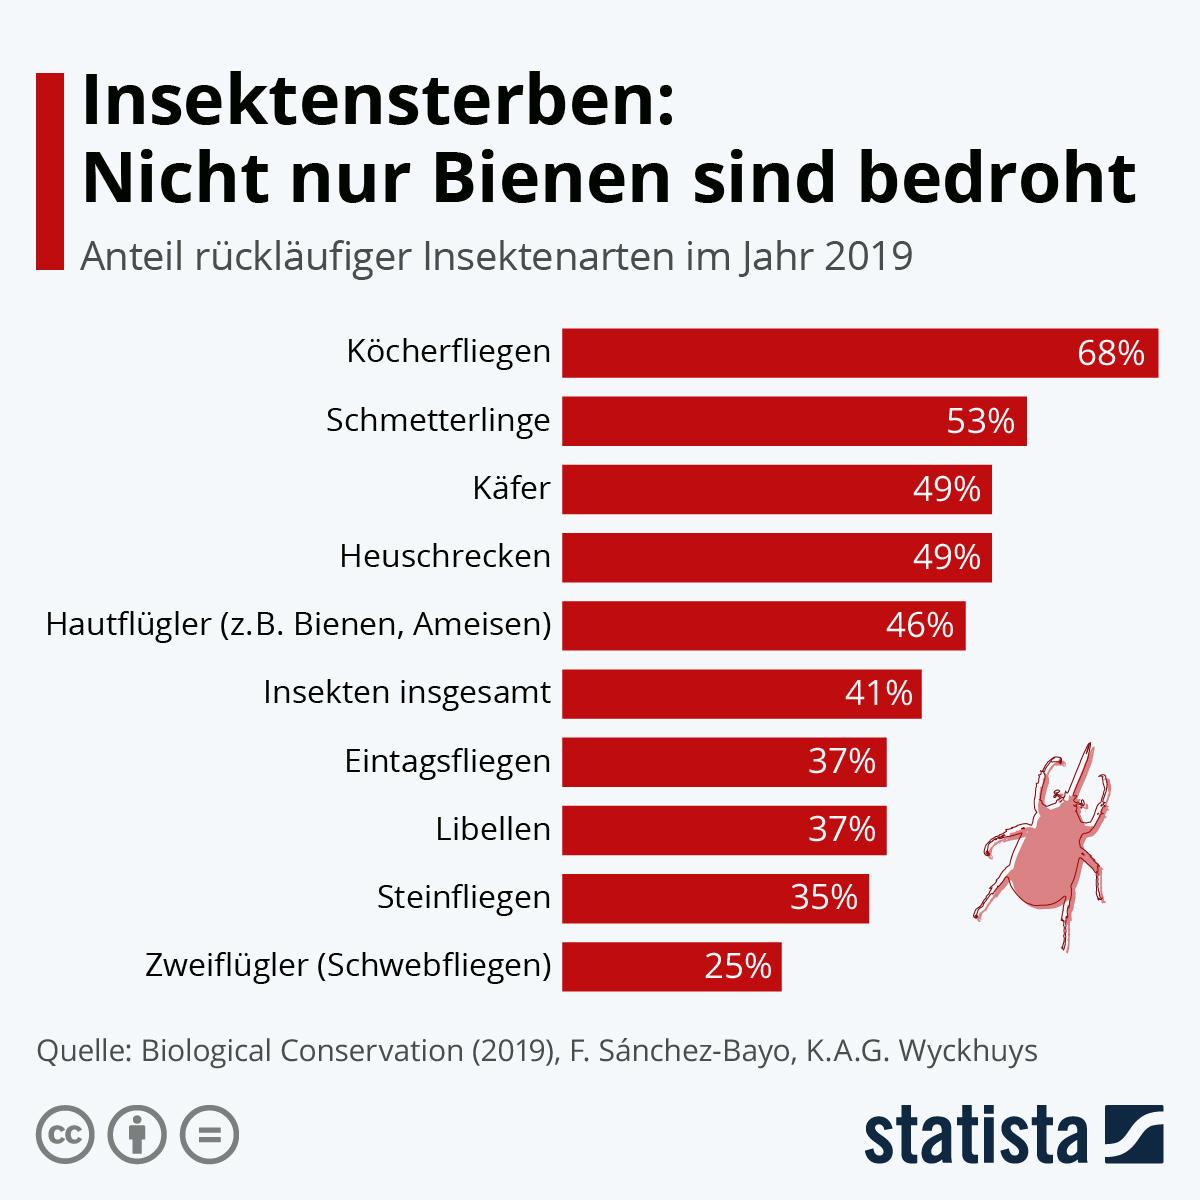 Infografik: Insektensterben: Nicht nur Bienen sind bedroht | Statista